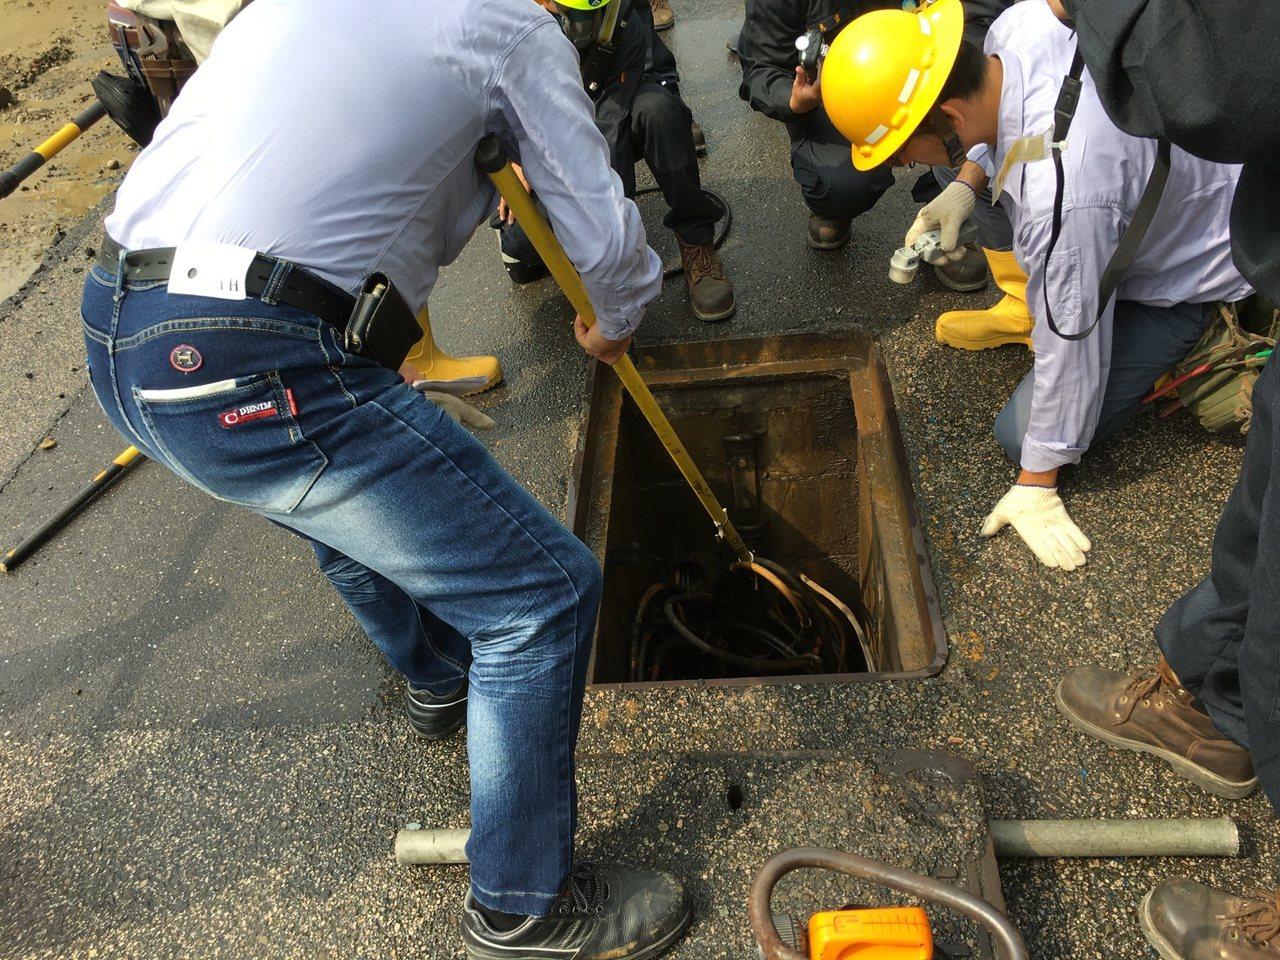 台電人員到場緊急搶修。記者謝進盛/翻攝